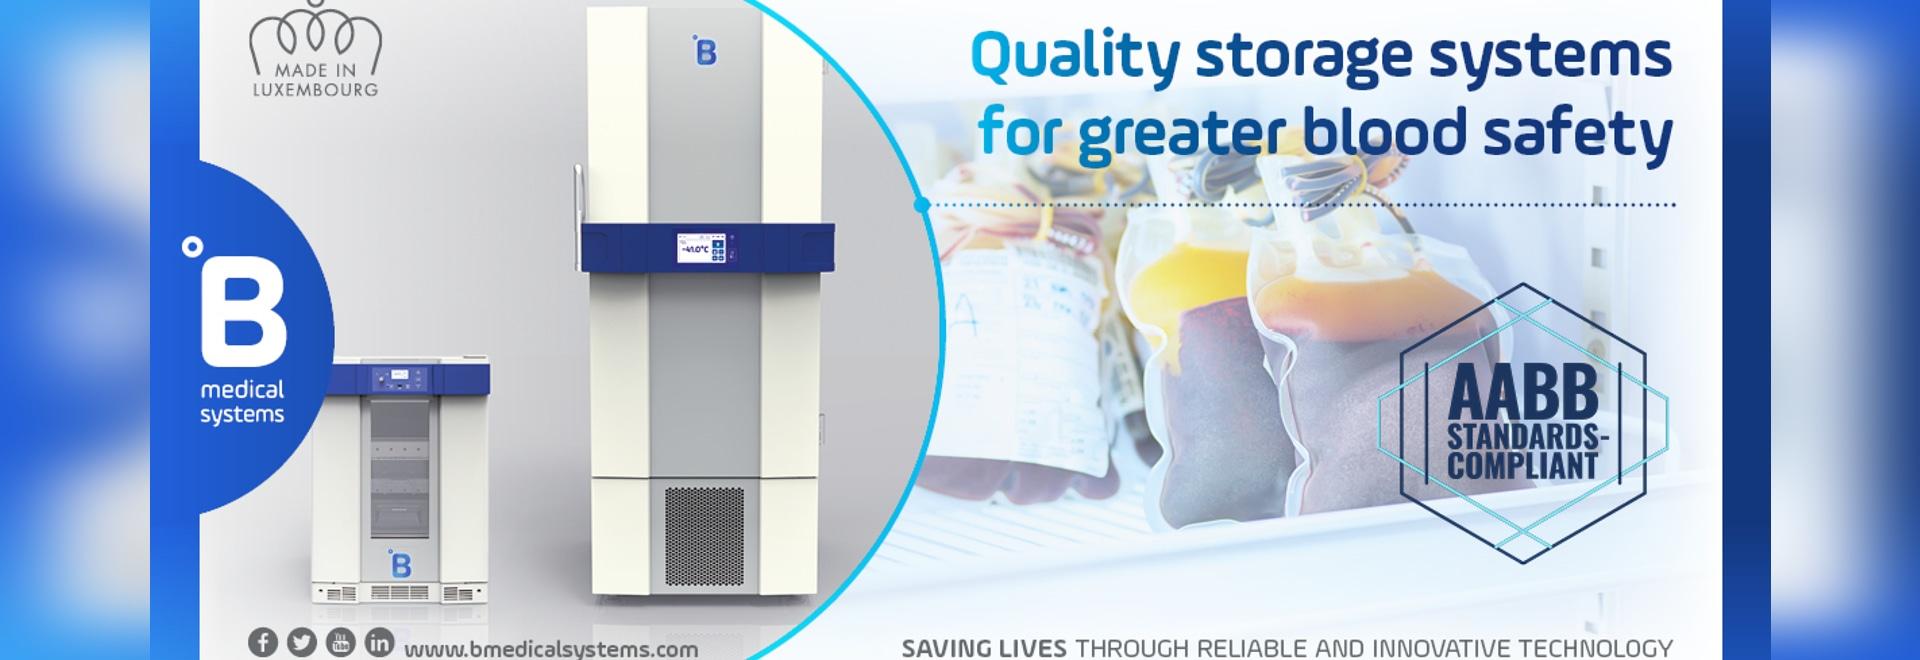 B Soluzioni per la conservazione del sangue dei sistemi medici B Approvato ufficialmente come conforme agli standard AABB